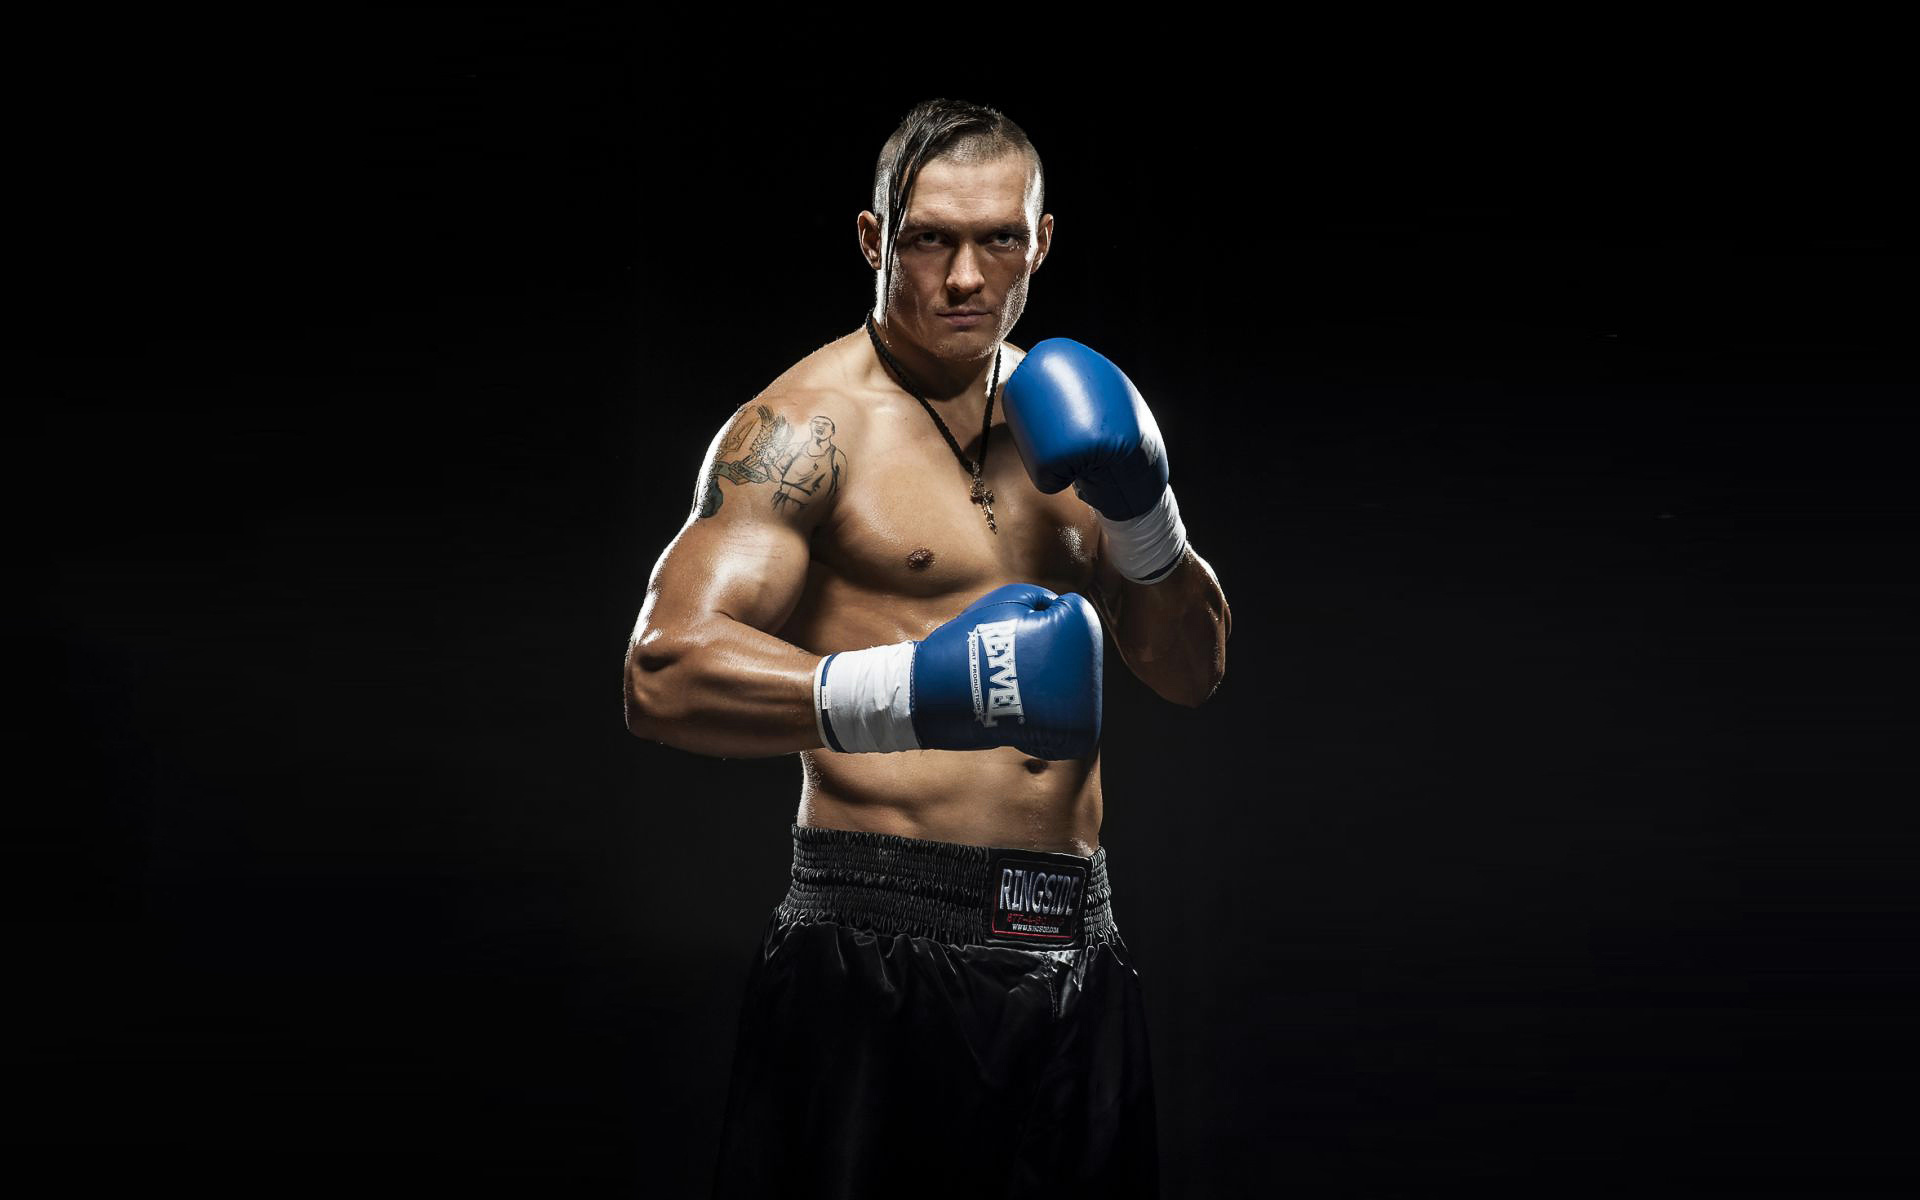 Картинки темные боксеры